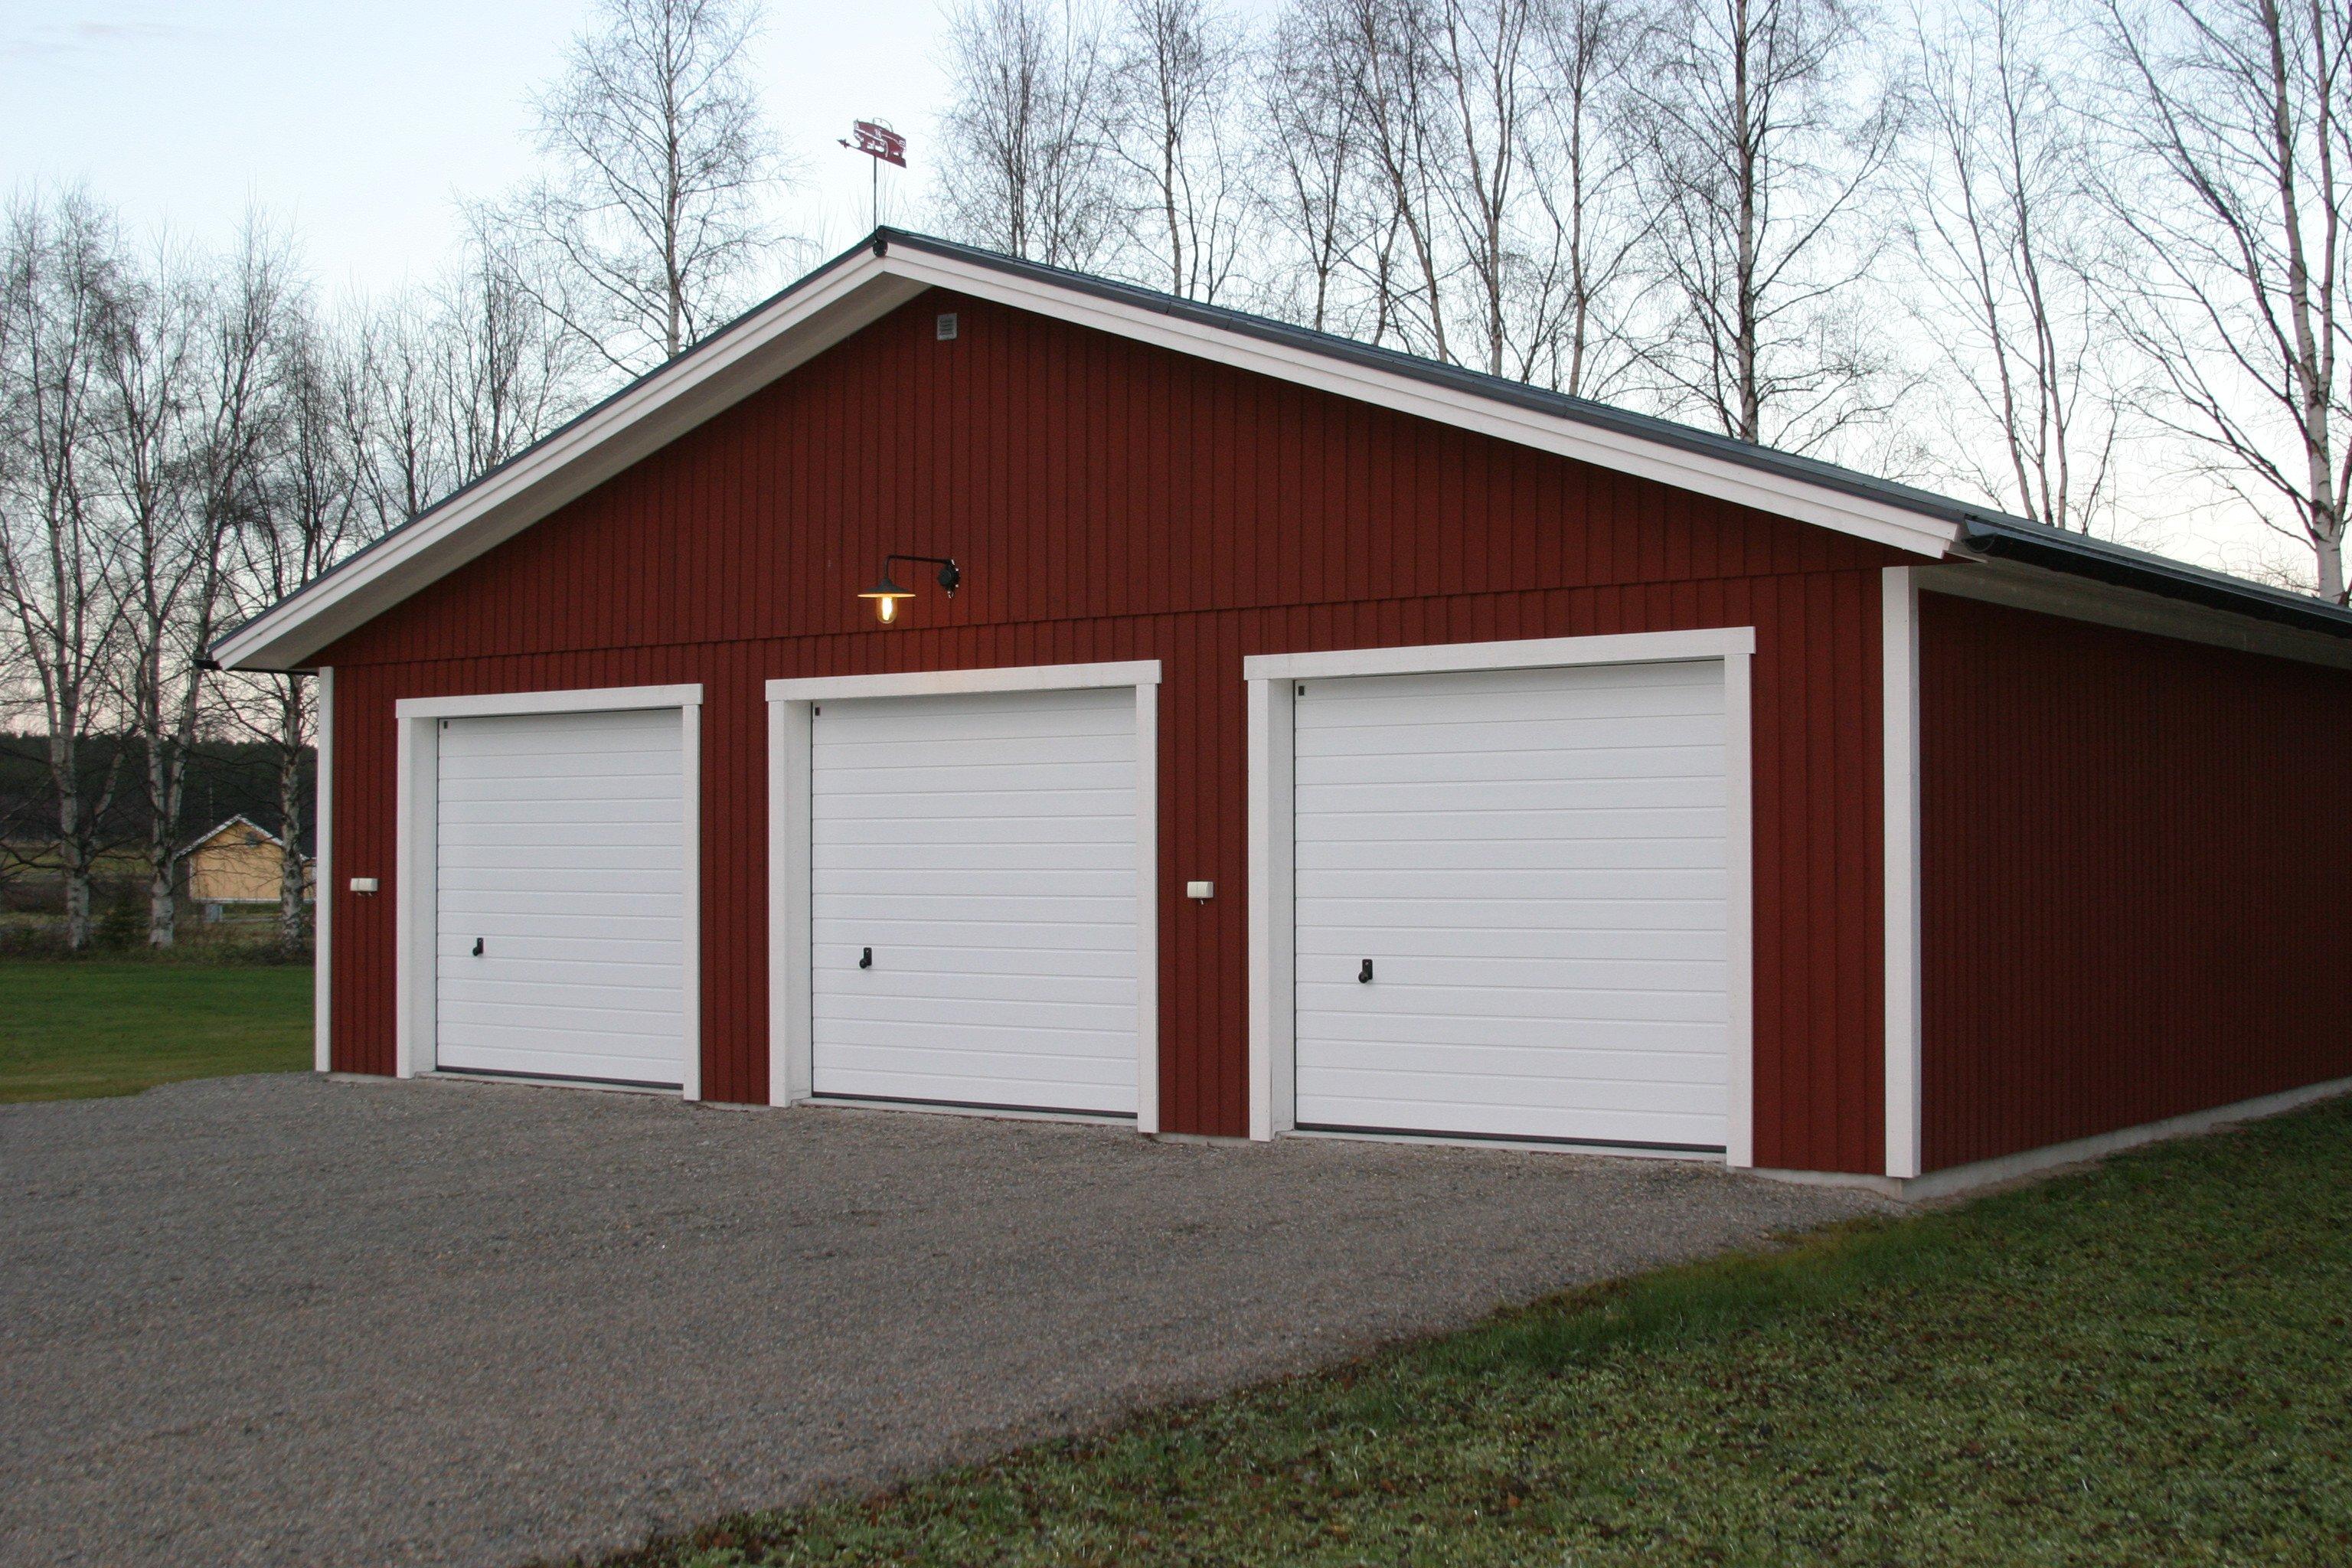 Garage dubbelgarage garage med f rr d garage med for A 1 garage